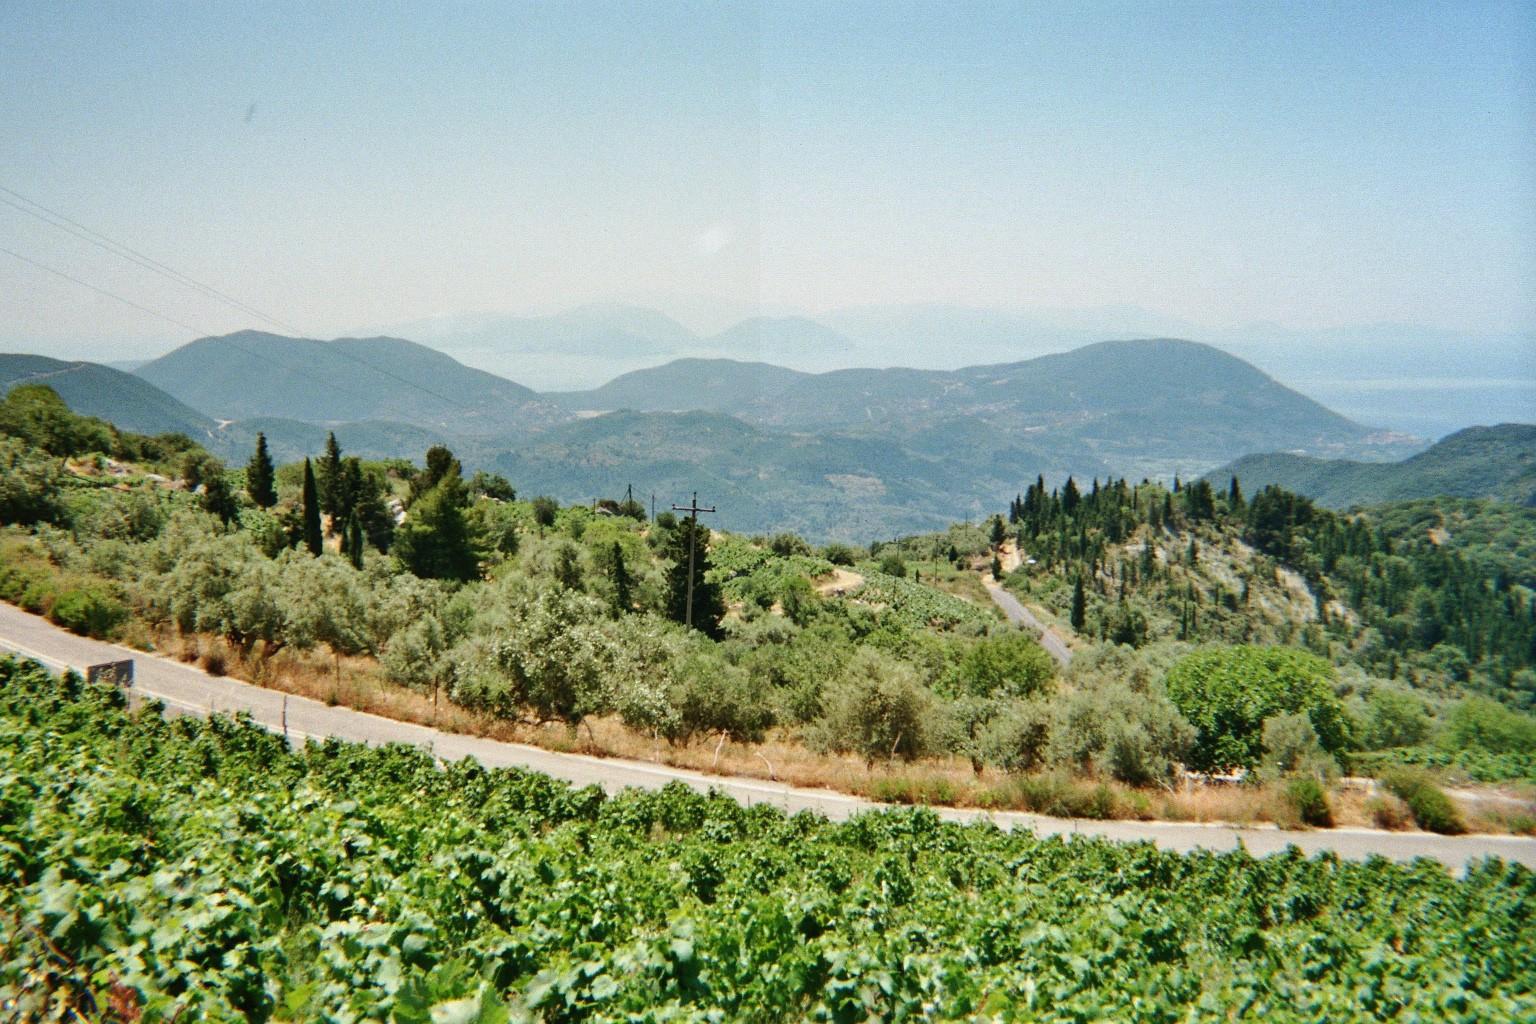 Vergezicht vanuit de bergen, met druiven